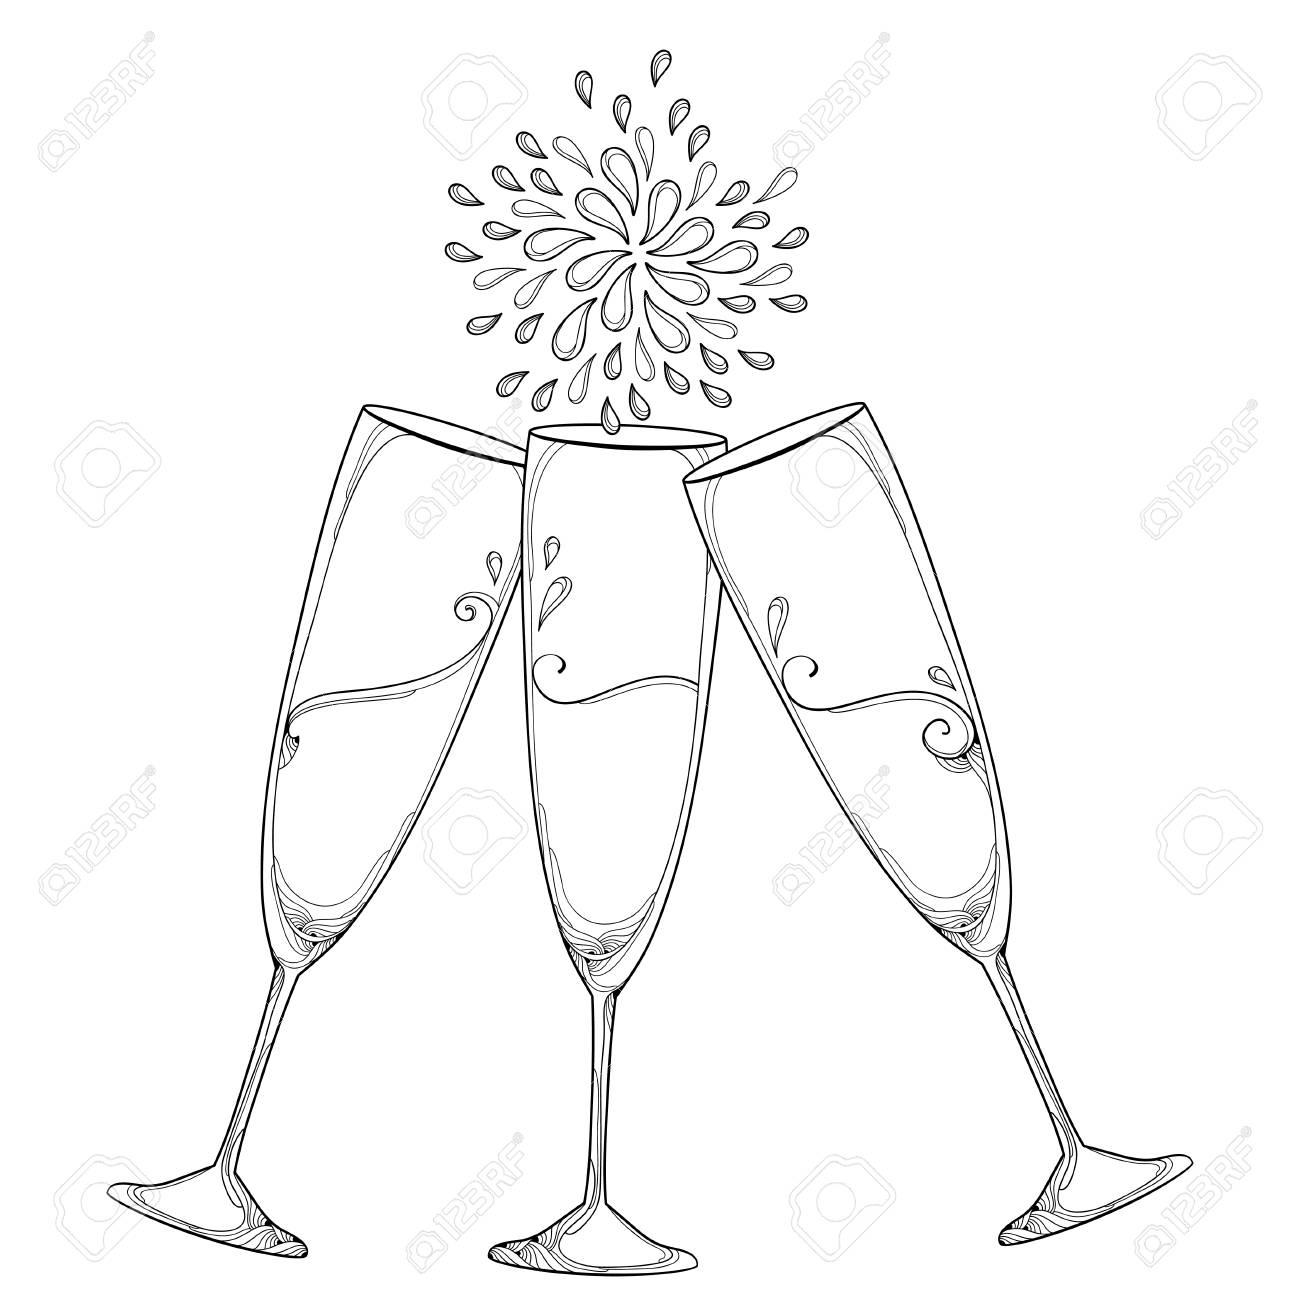 Dibujo Con Tres Esquema Tostado Copas De Champán O Flauta En Negro Sobre Fondo Blanco Vidrio Para Vino Y Bodega En Estilo De Contorno Para El Diseño